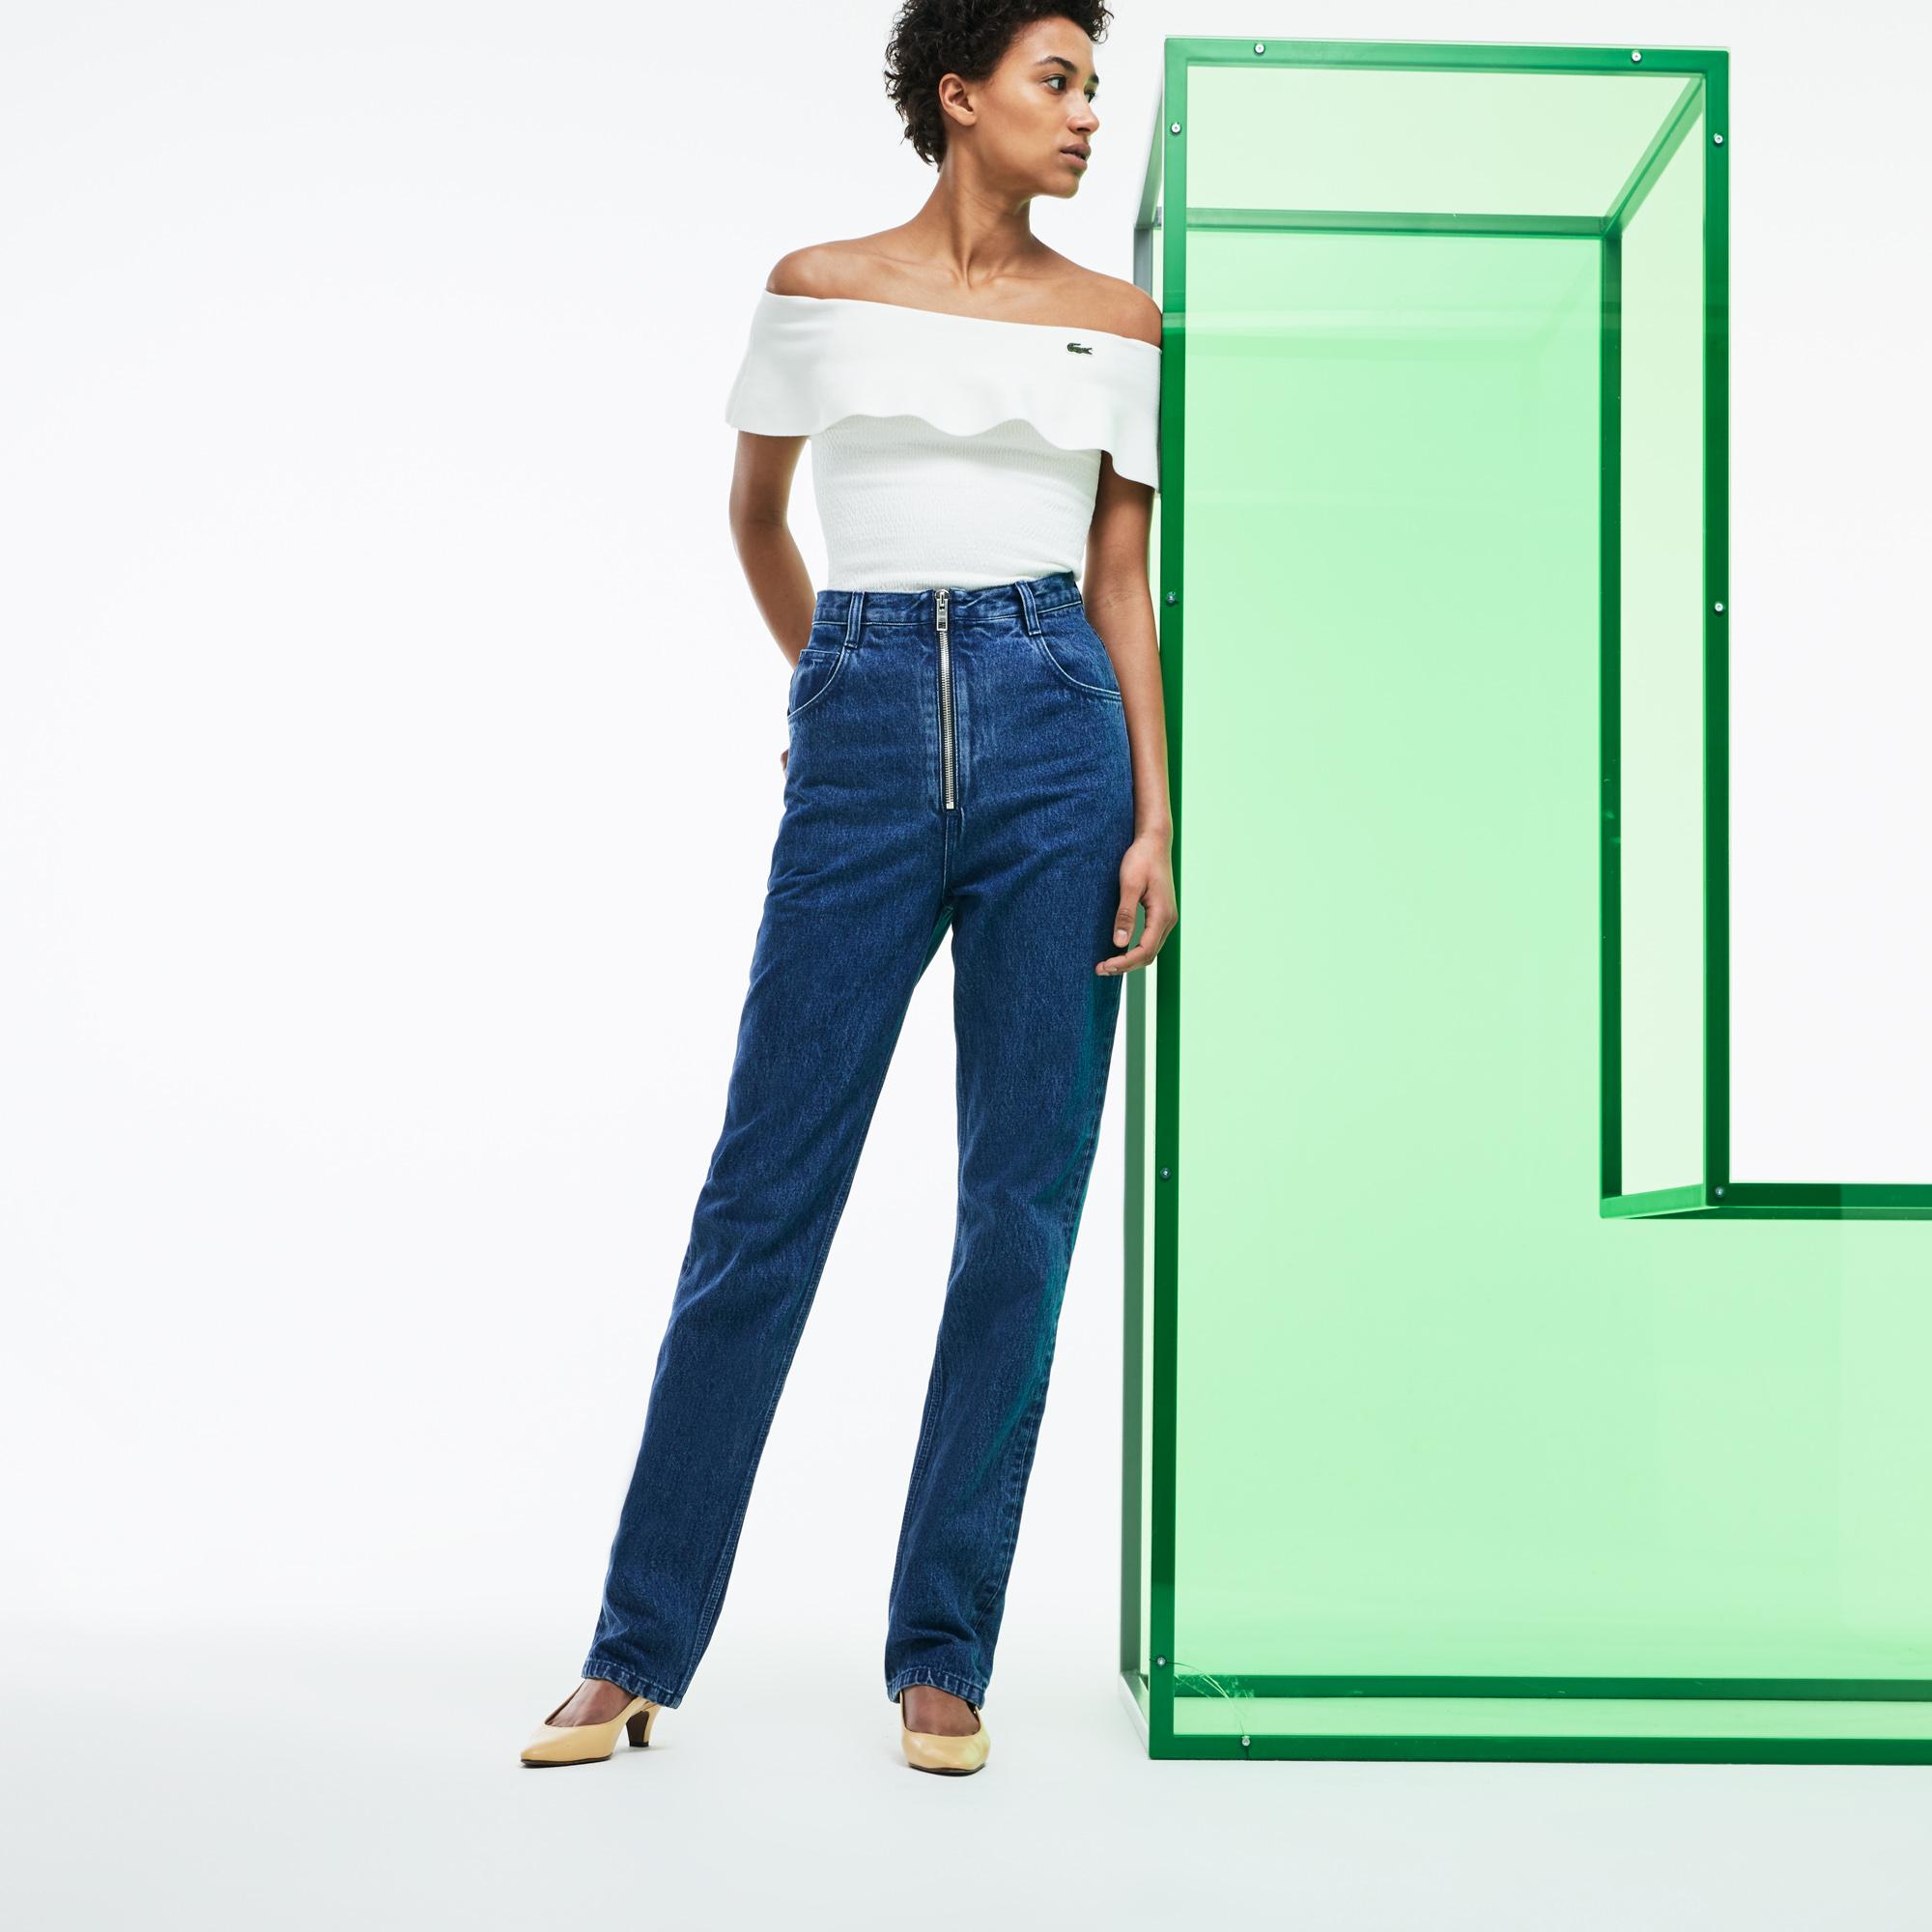 Брюки LacosteБрюки<br>Детали: женские джинсы с завышенной талией  \ Материал: 100% хлопок \ Страна производства: Тунис